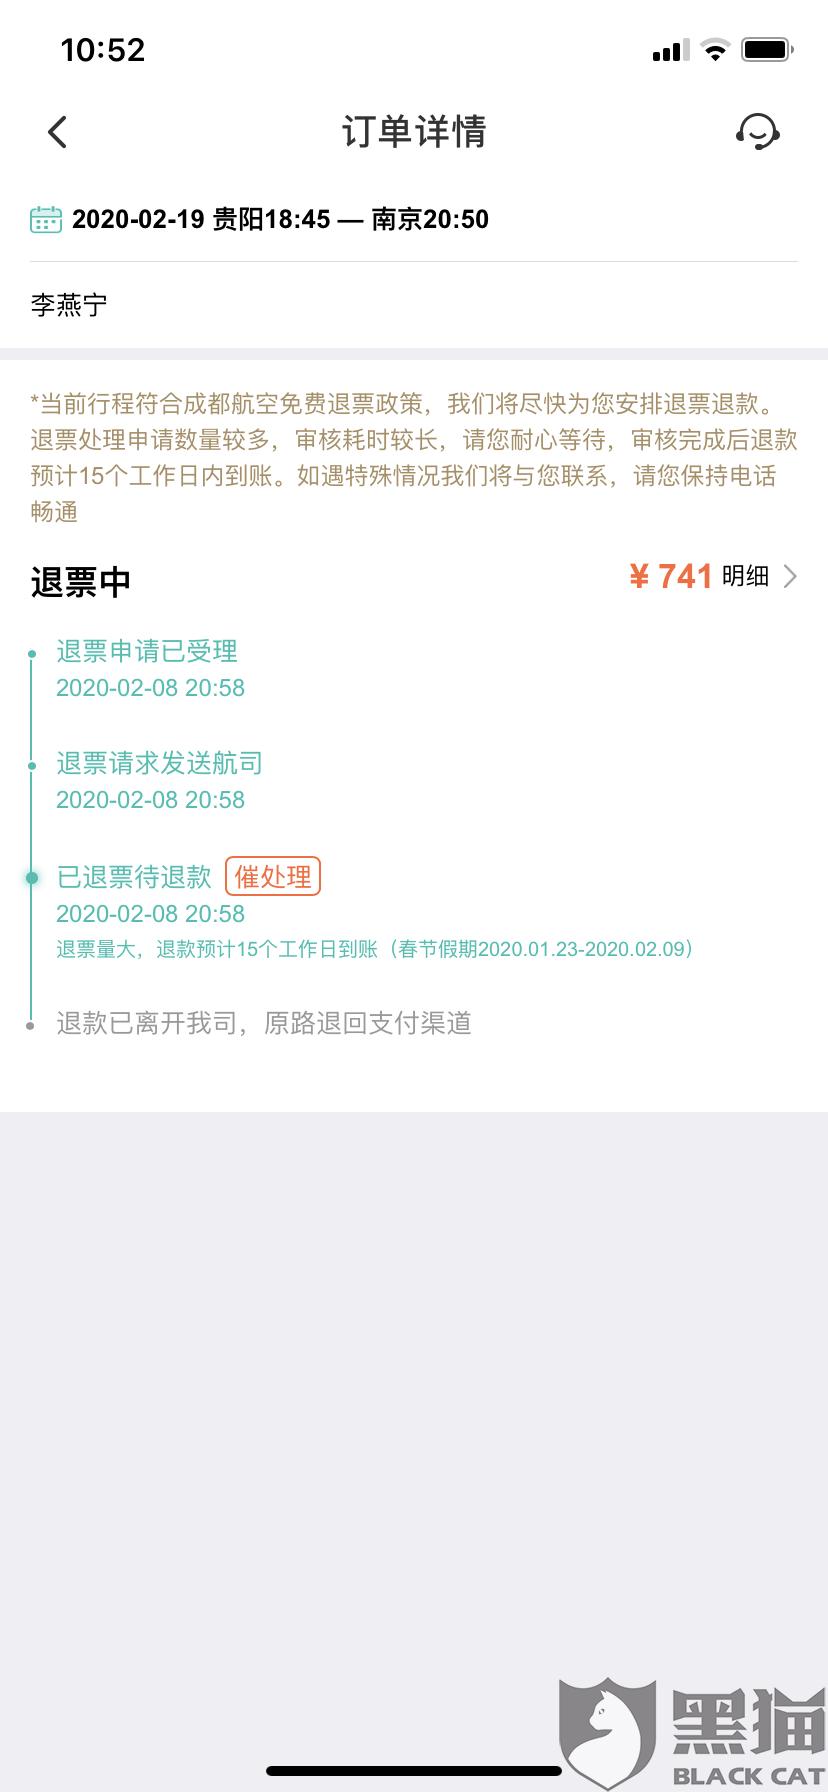 黑猫投诉:同程艺龙官方微博用时2天解决了消费者投诉